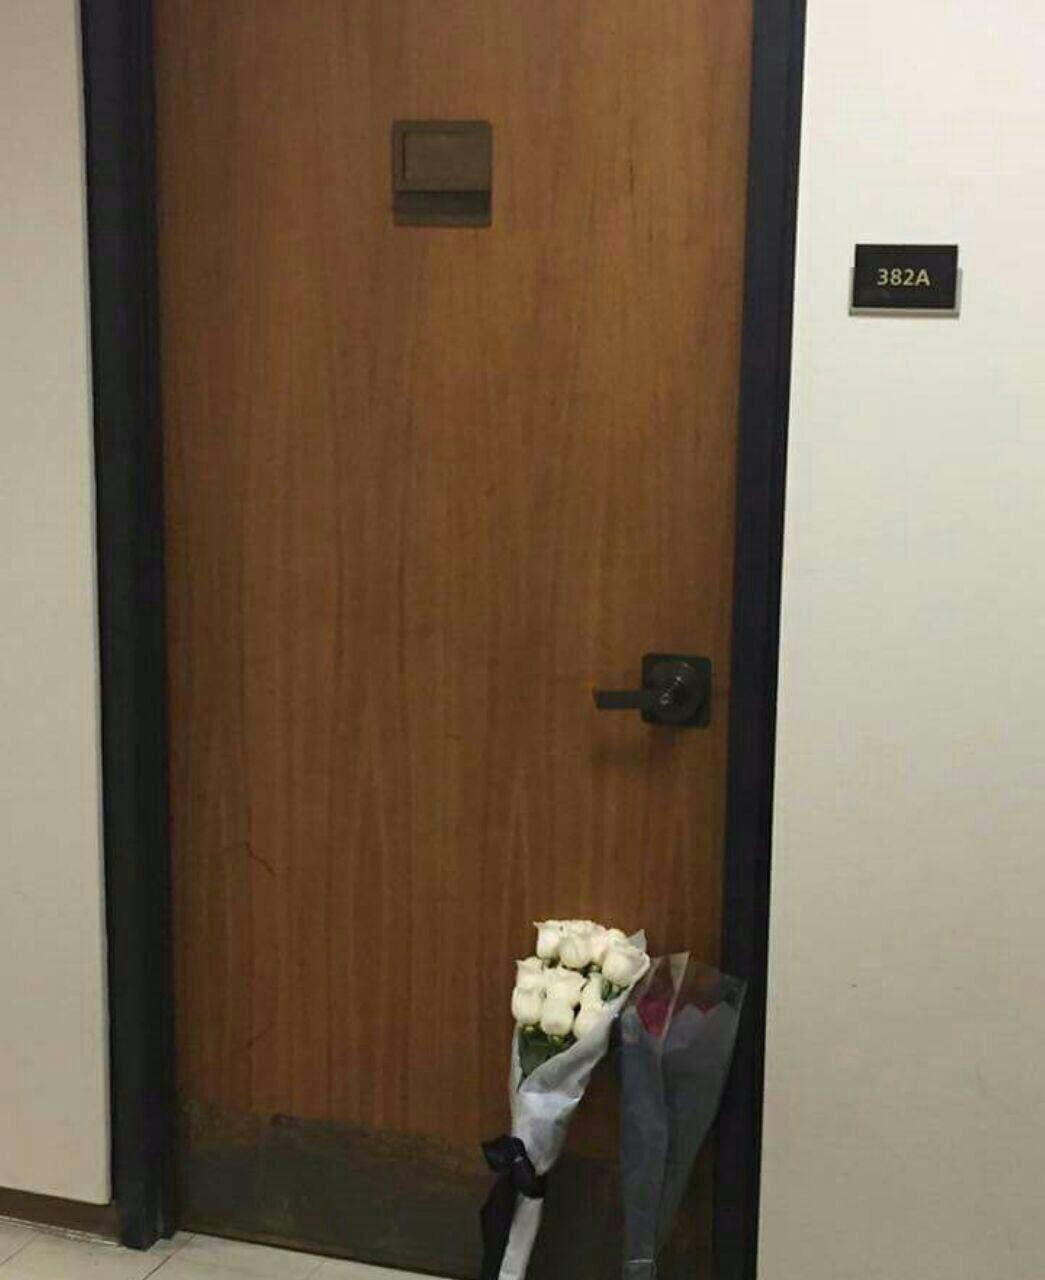 اتاق کار مریم میرزاخانی در استنفورد